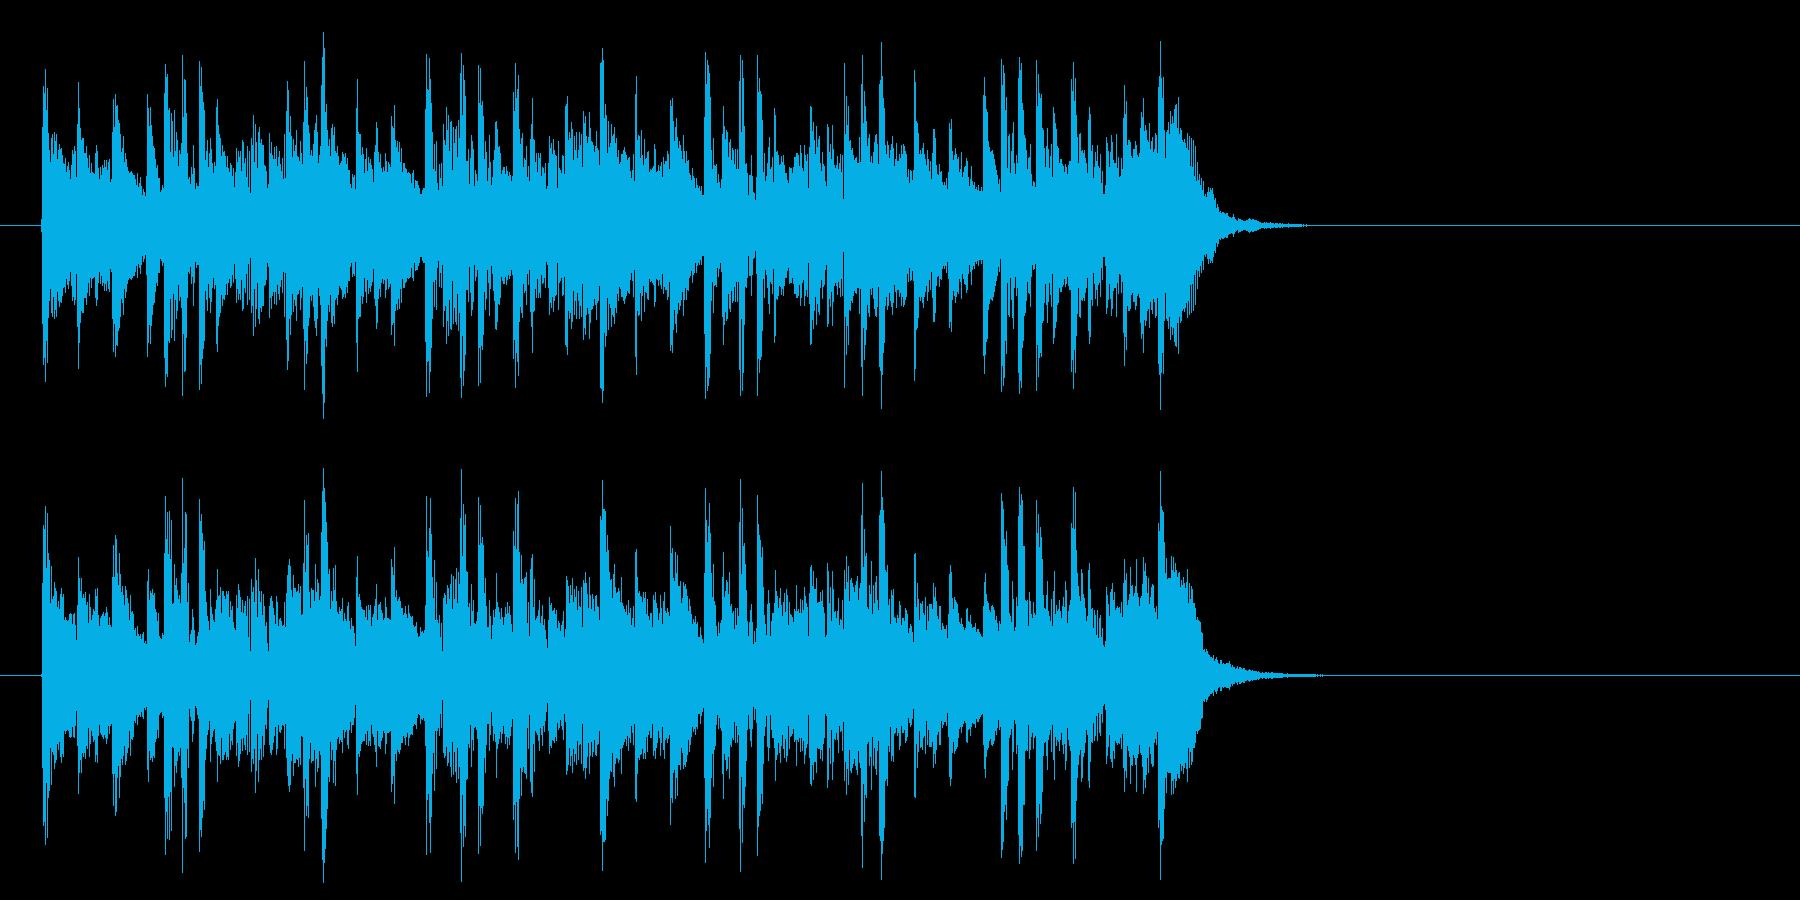 化学実験を観察するポップ(サビ)の再生済みの波形